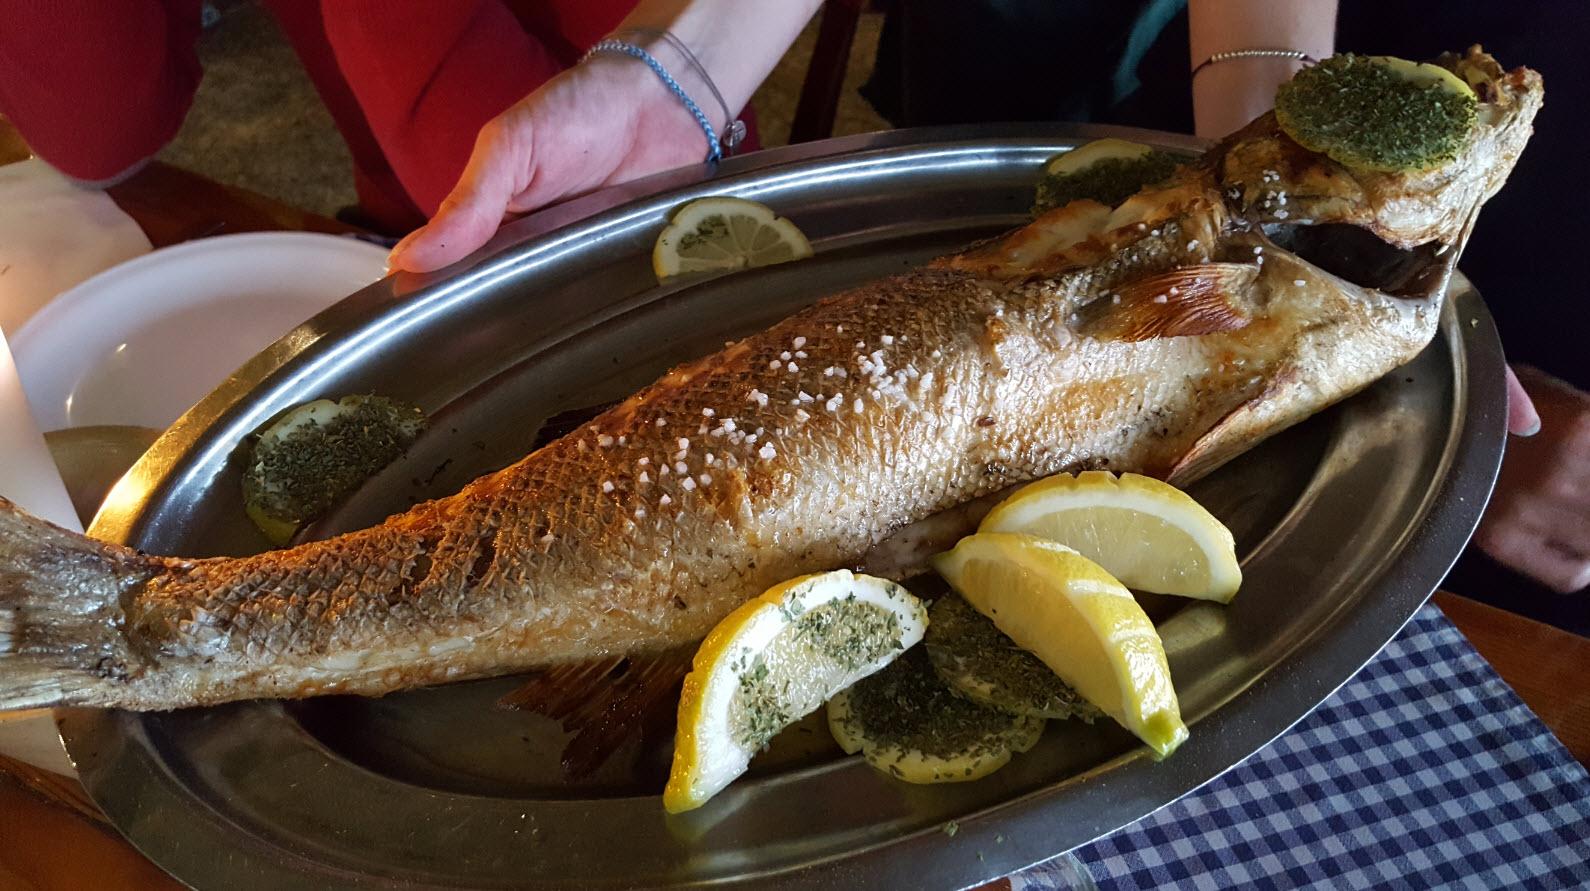 Le poisson entier avant la preparation